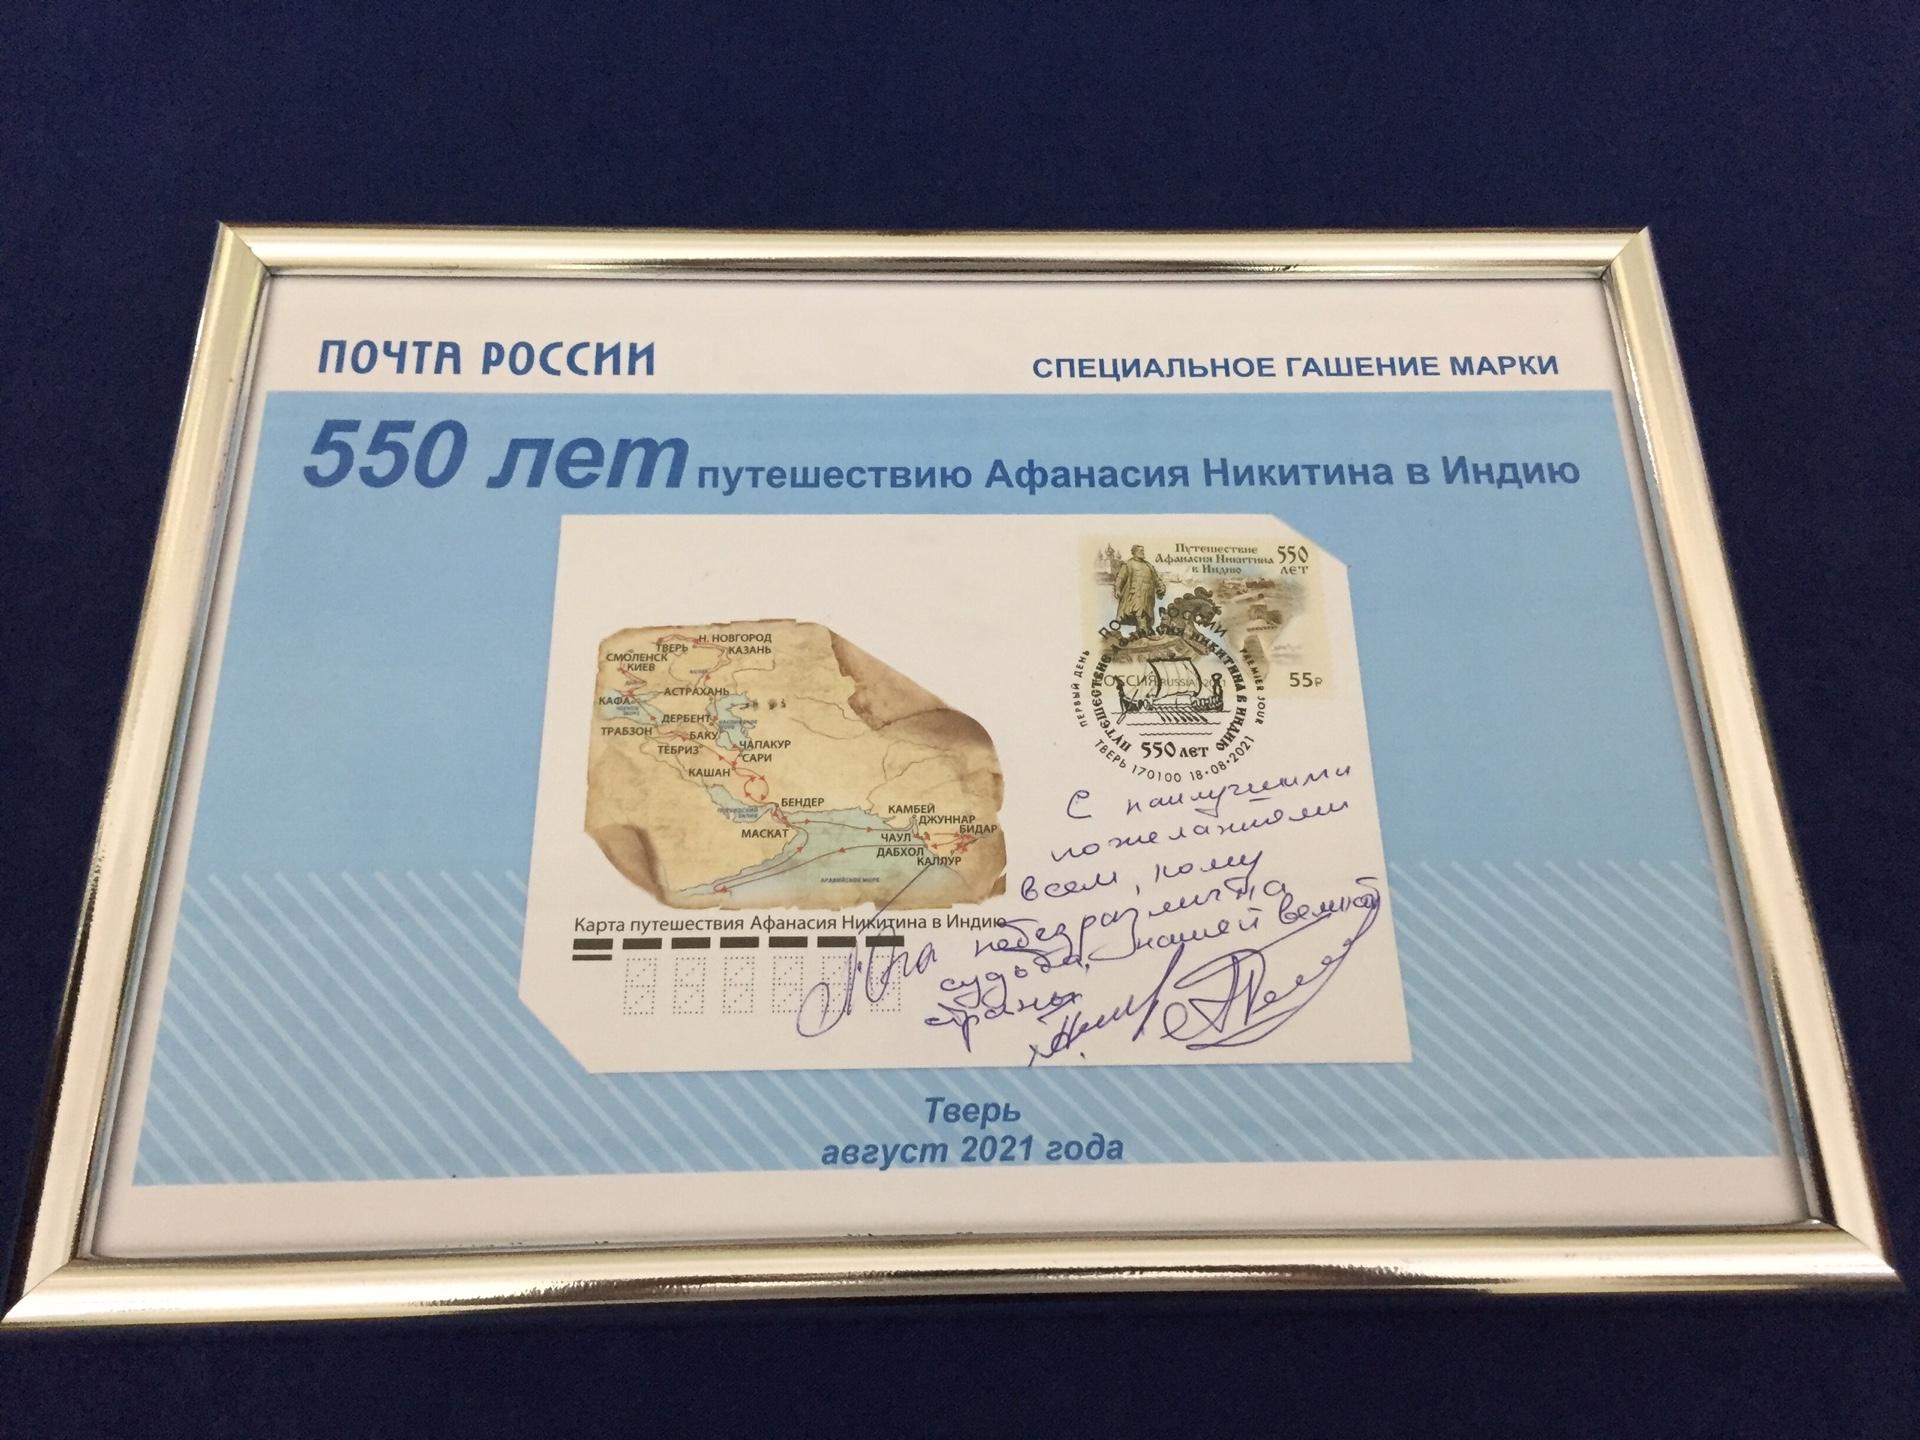 В честь 550-летия путешествия Афанасия Никитина в Индию выпущена почтовая марка